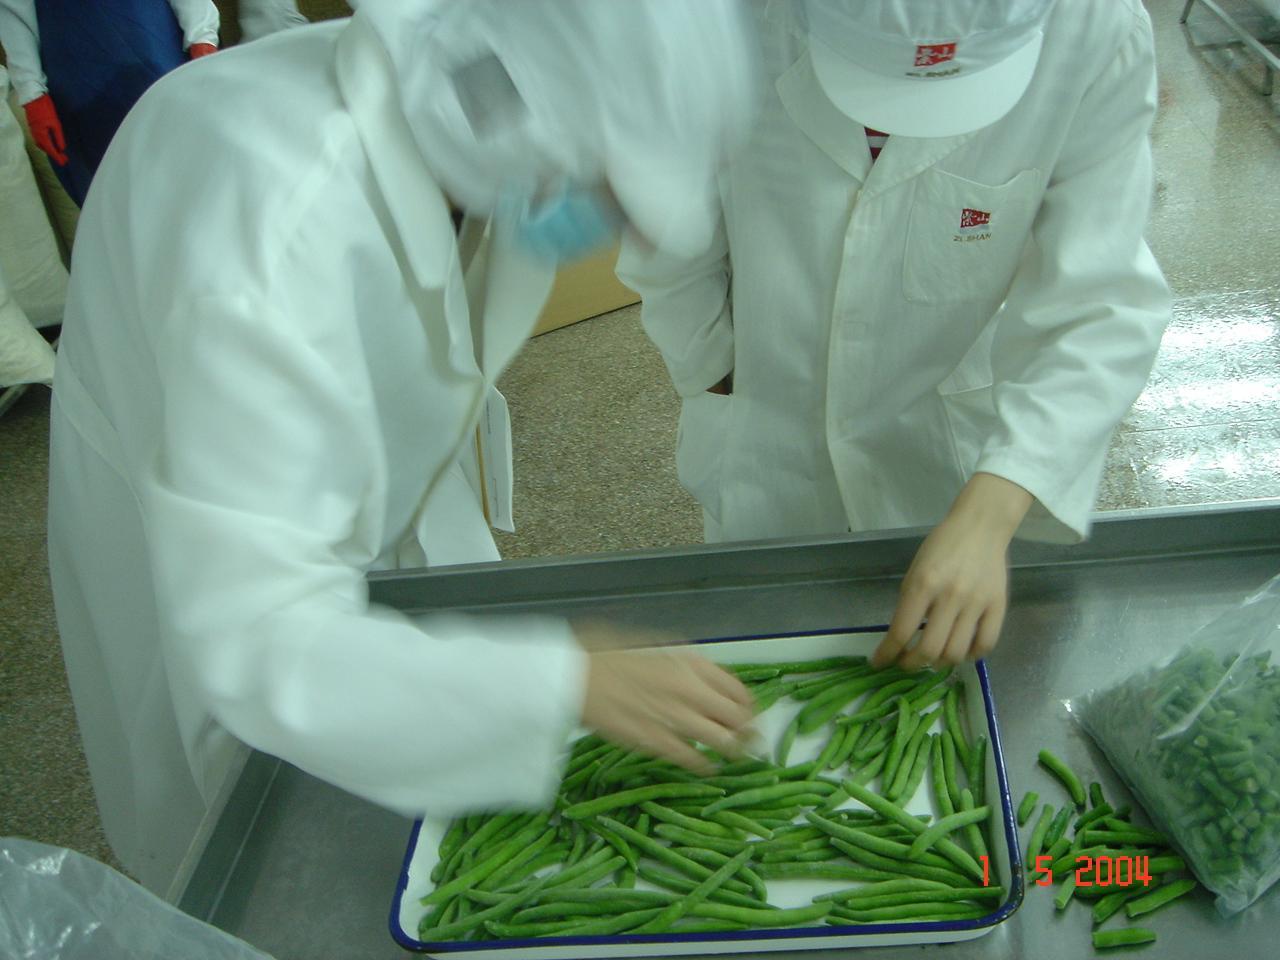 IQF Cut Green Beans,Frozen Cut Green Beans,IQF Green Beans Cuts 13